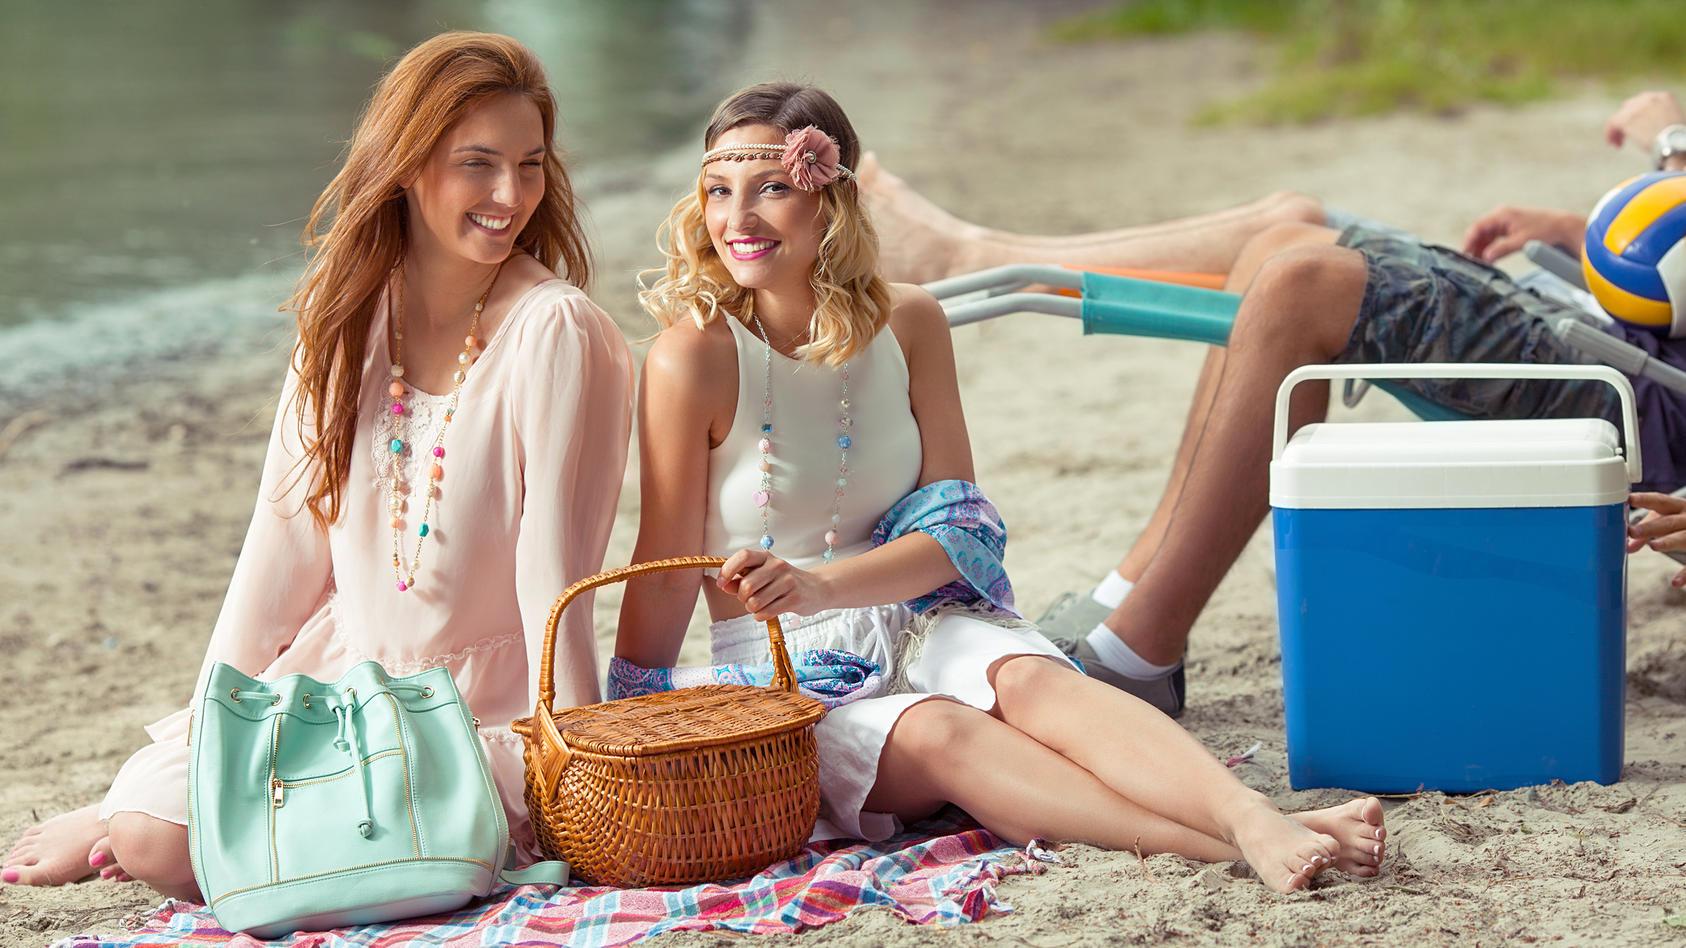 Kühlboxen sind der perfekte Begleiter für Picknicks, Ausflüge, Einkaufen & Co.